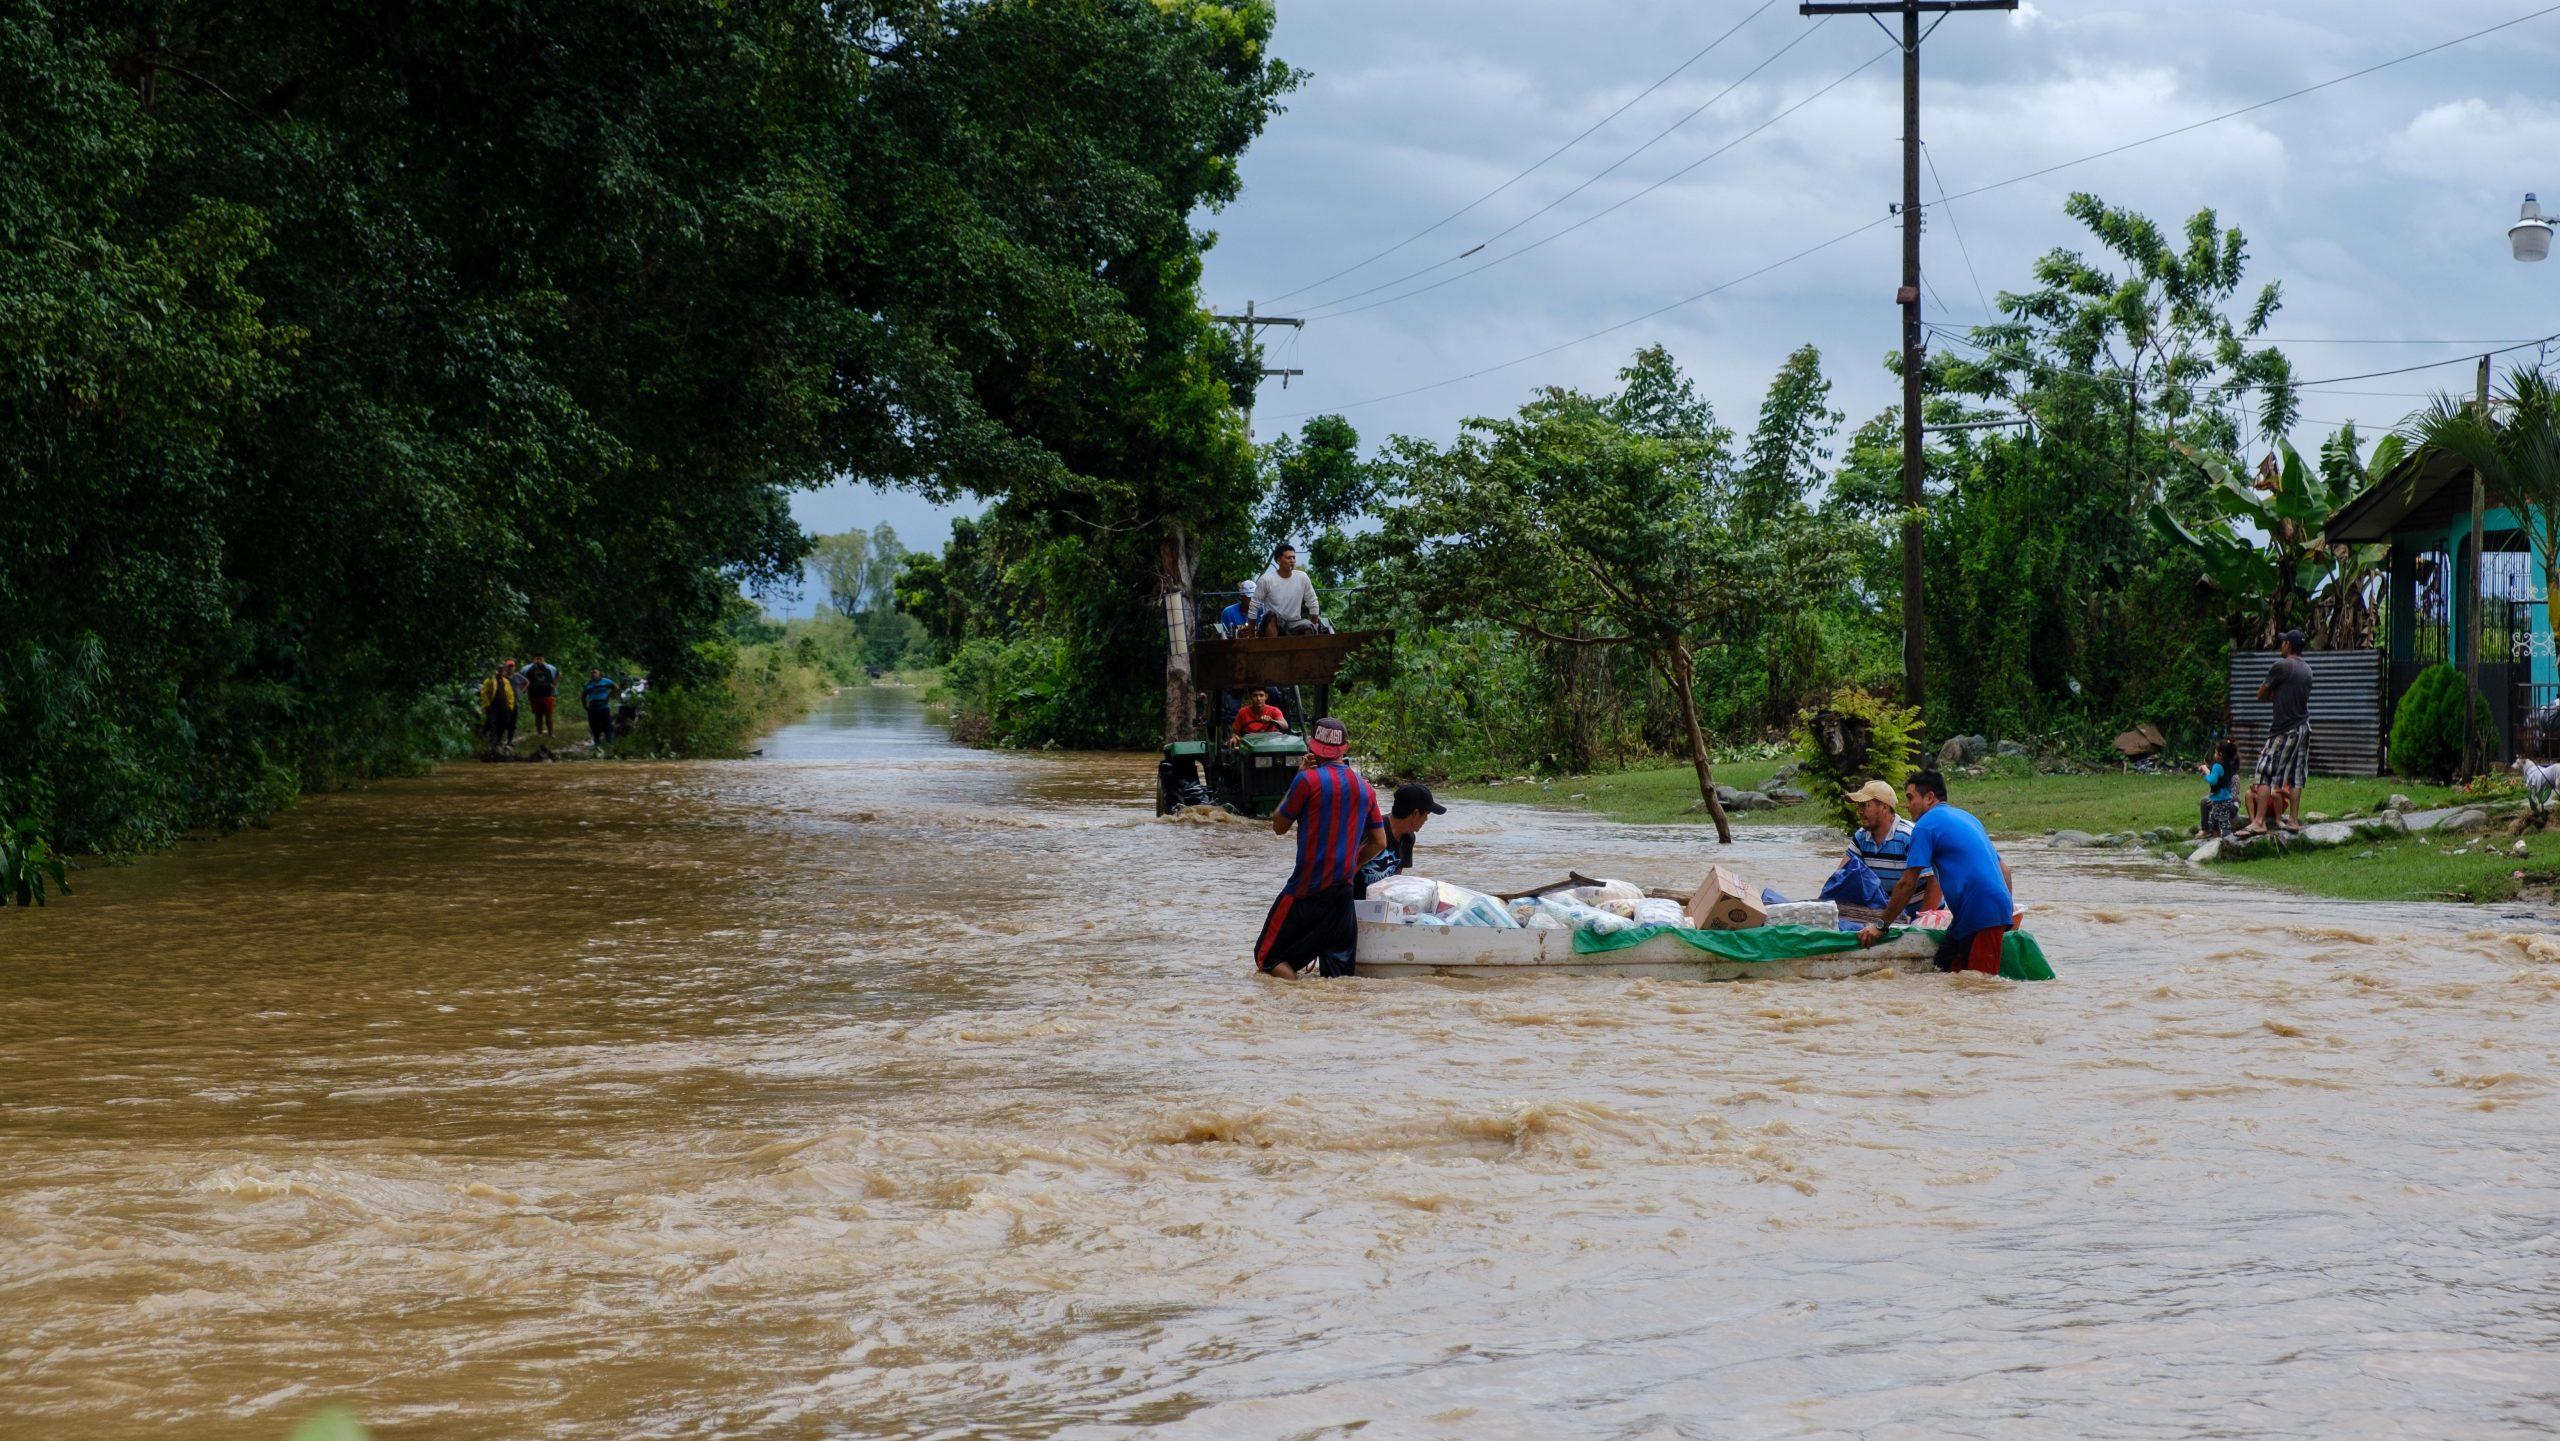 En una lancha llevando víveres hacia las comunidades del sur del municipio. El Progreso, Yoro, 3 de nov de 2020, Foto, Deiby Yanes.